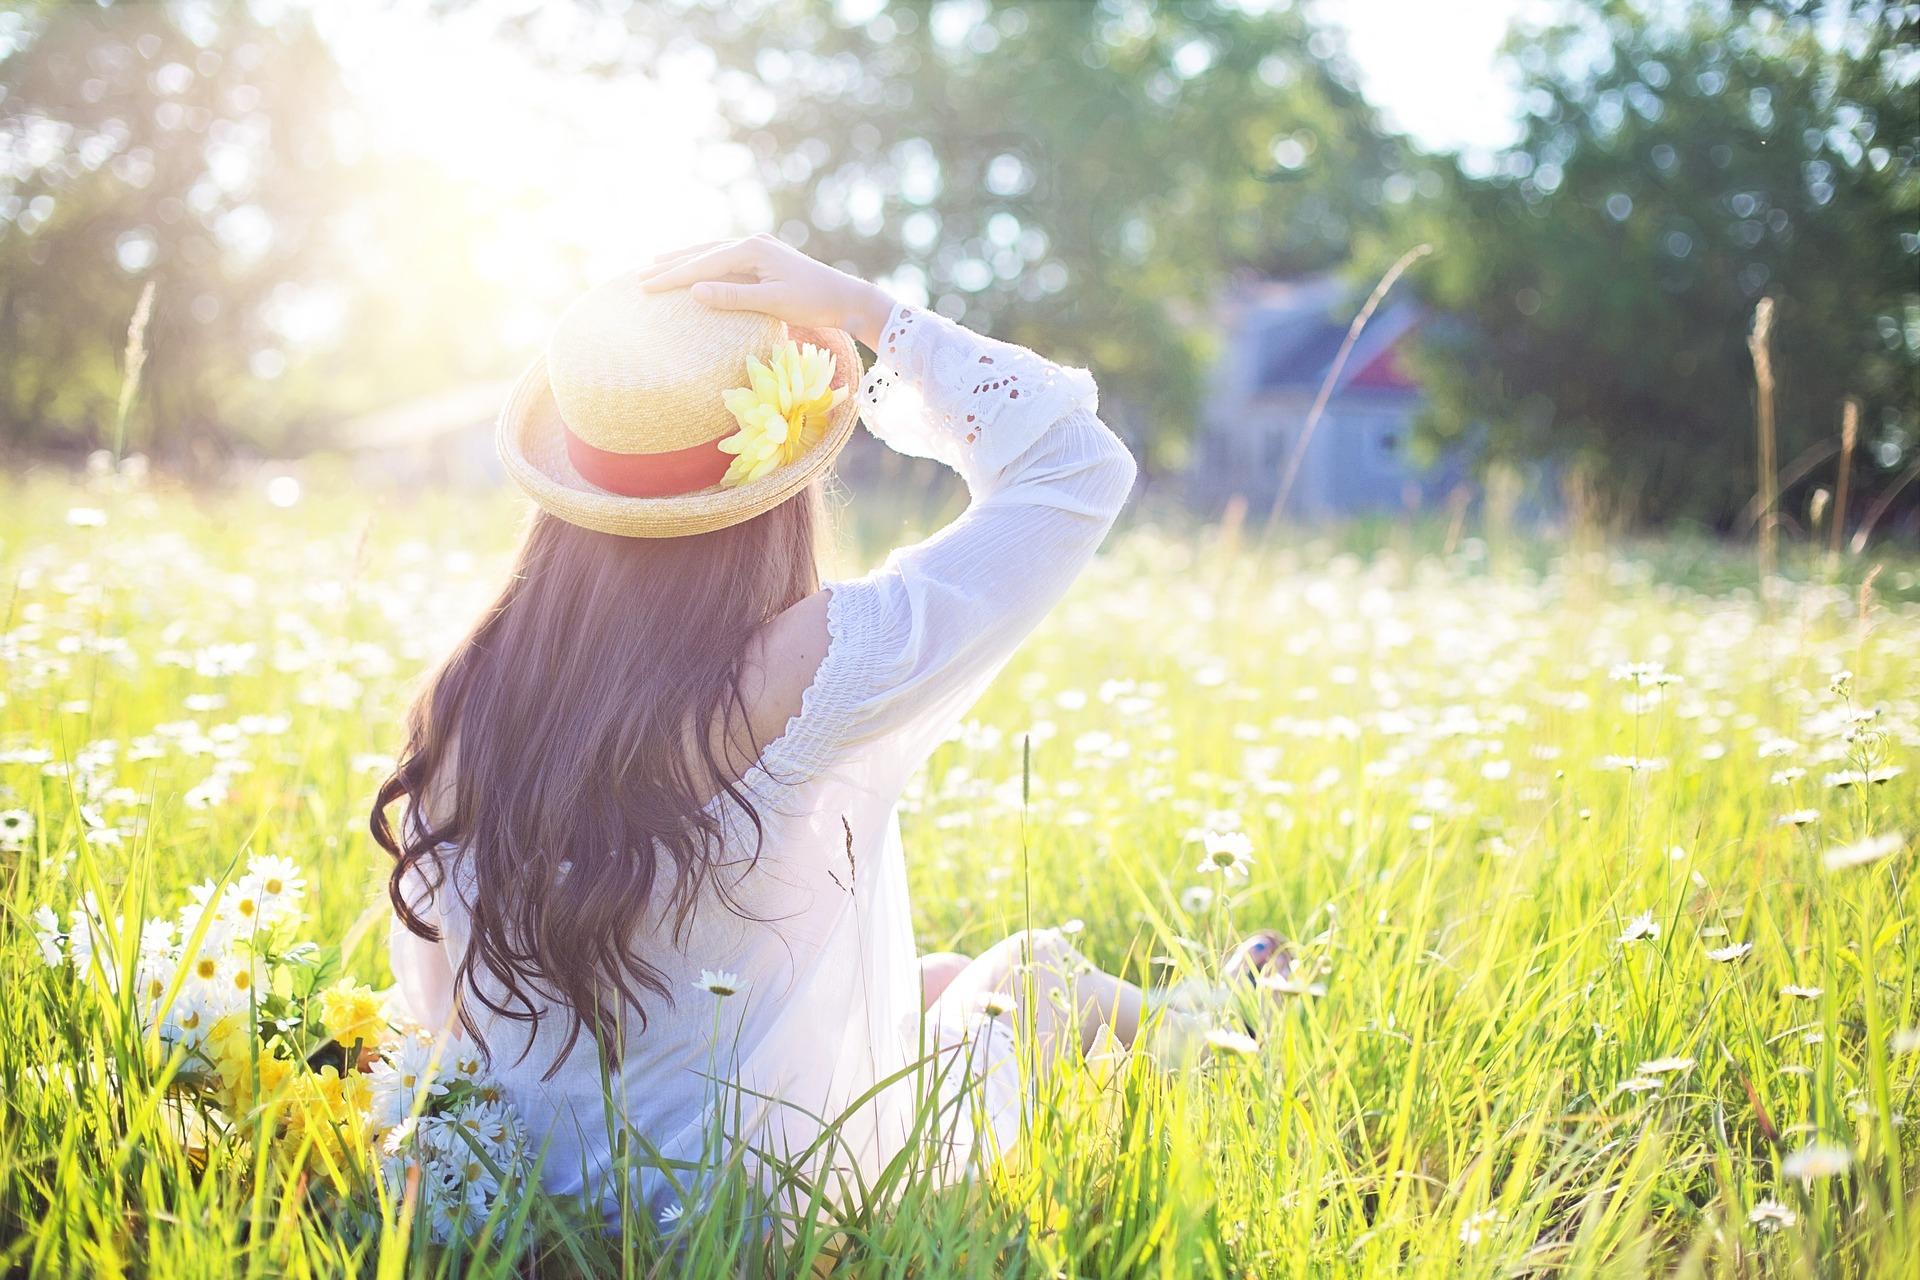 Hình nền người đẹp dưới ánh nắng mai